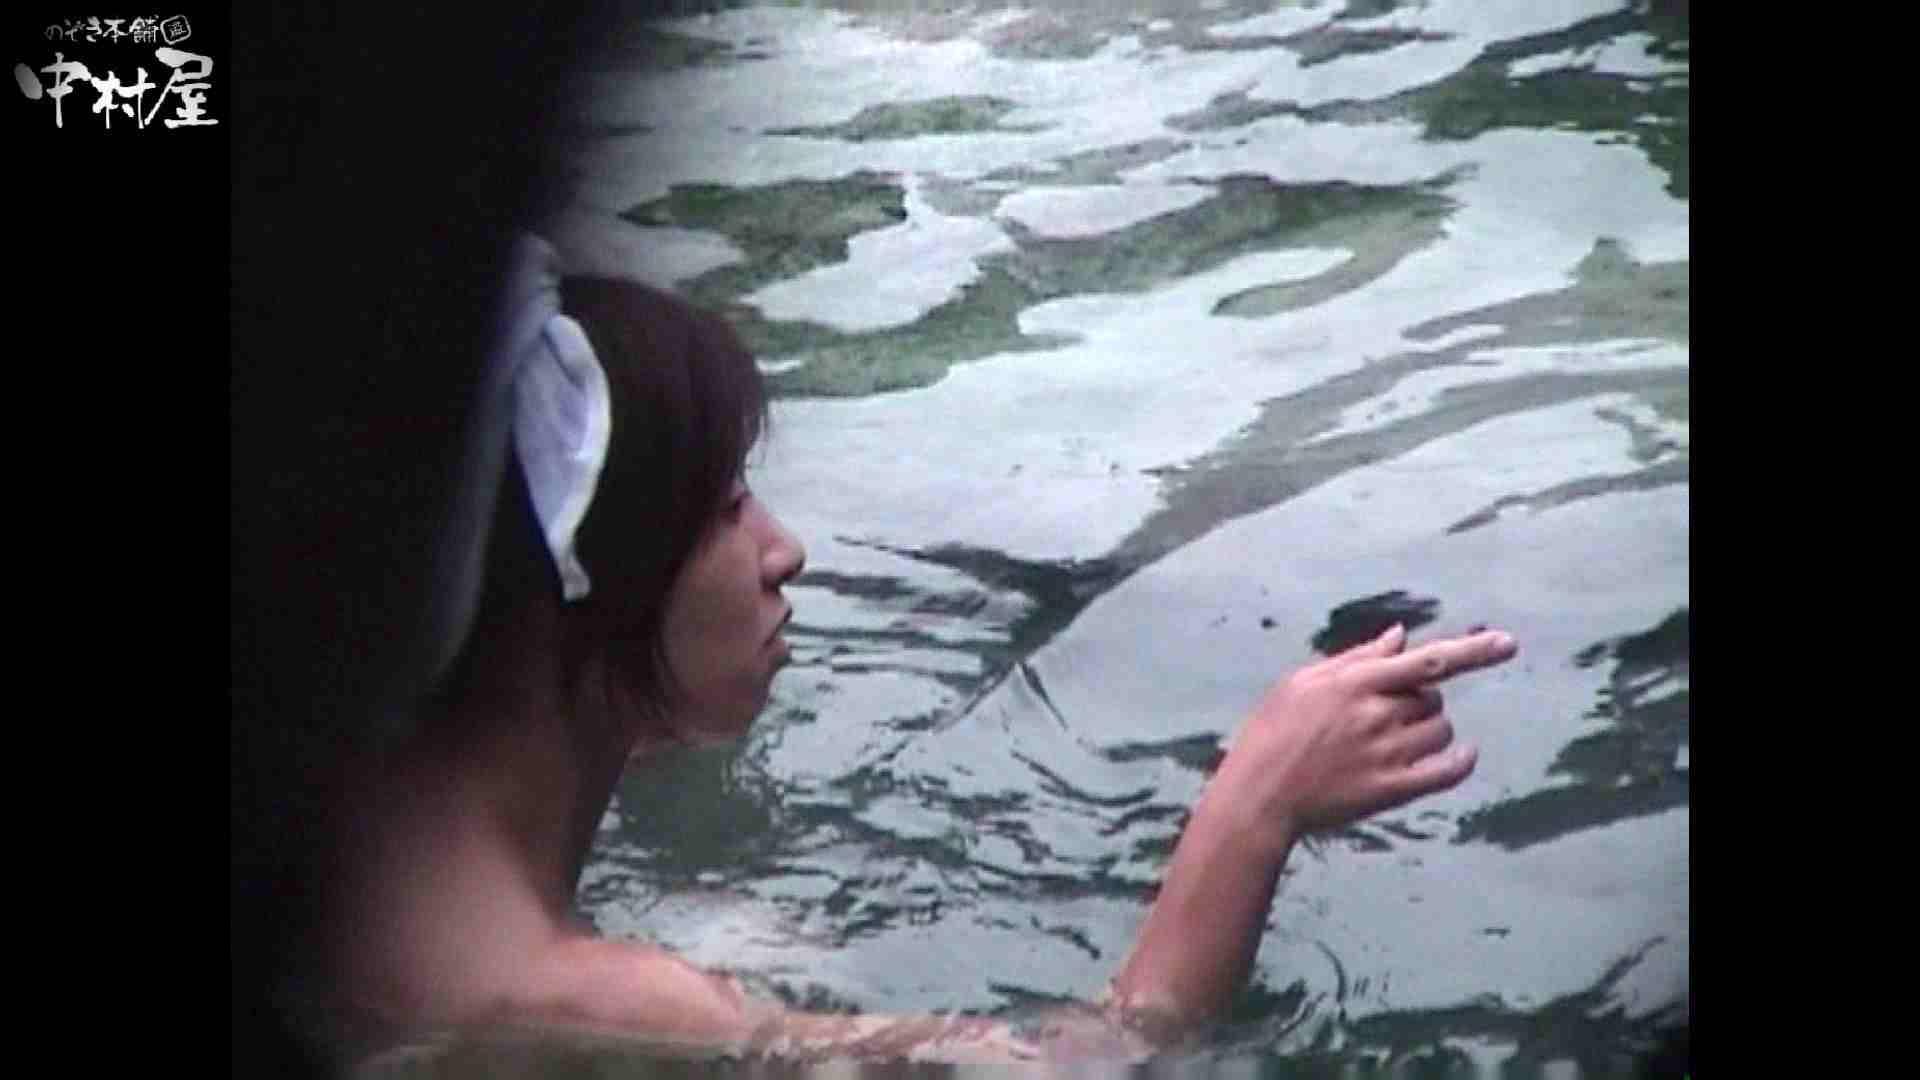 Aquaな露天風呂Vol.952 盗撮 | 露天風呂  106連発 61